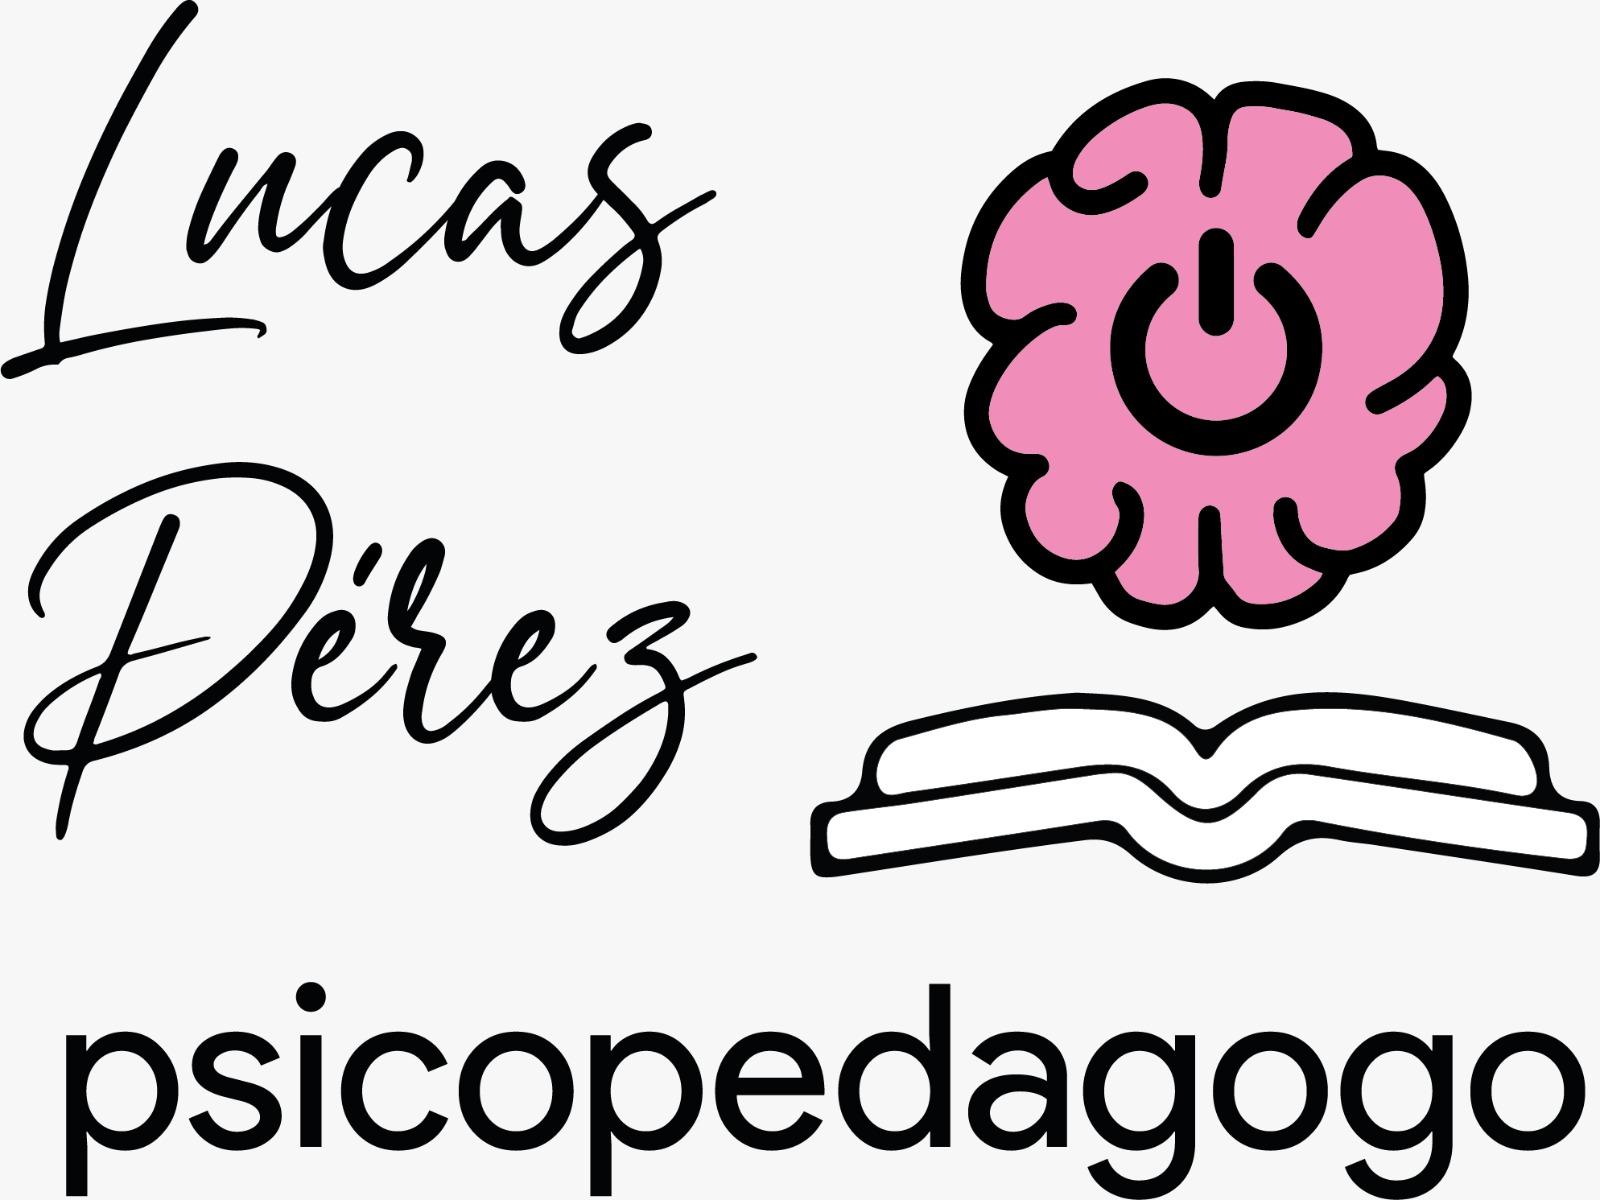 Lucas Pérez psicopedagogo en Badajoz